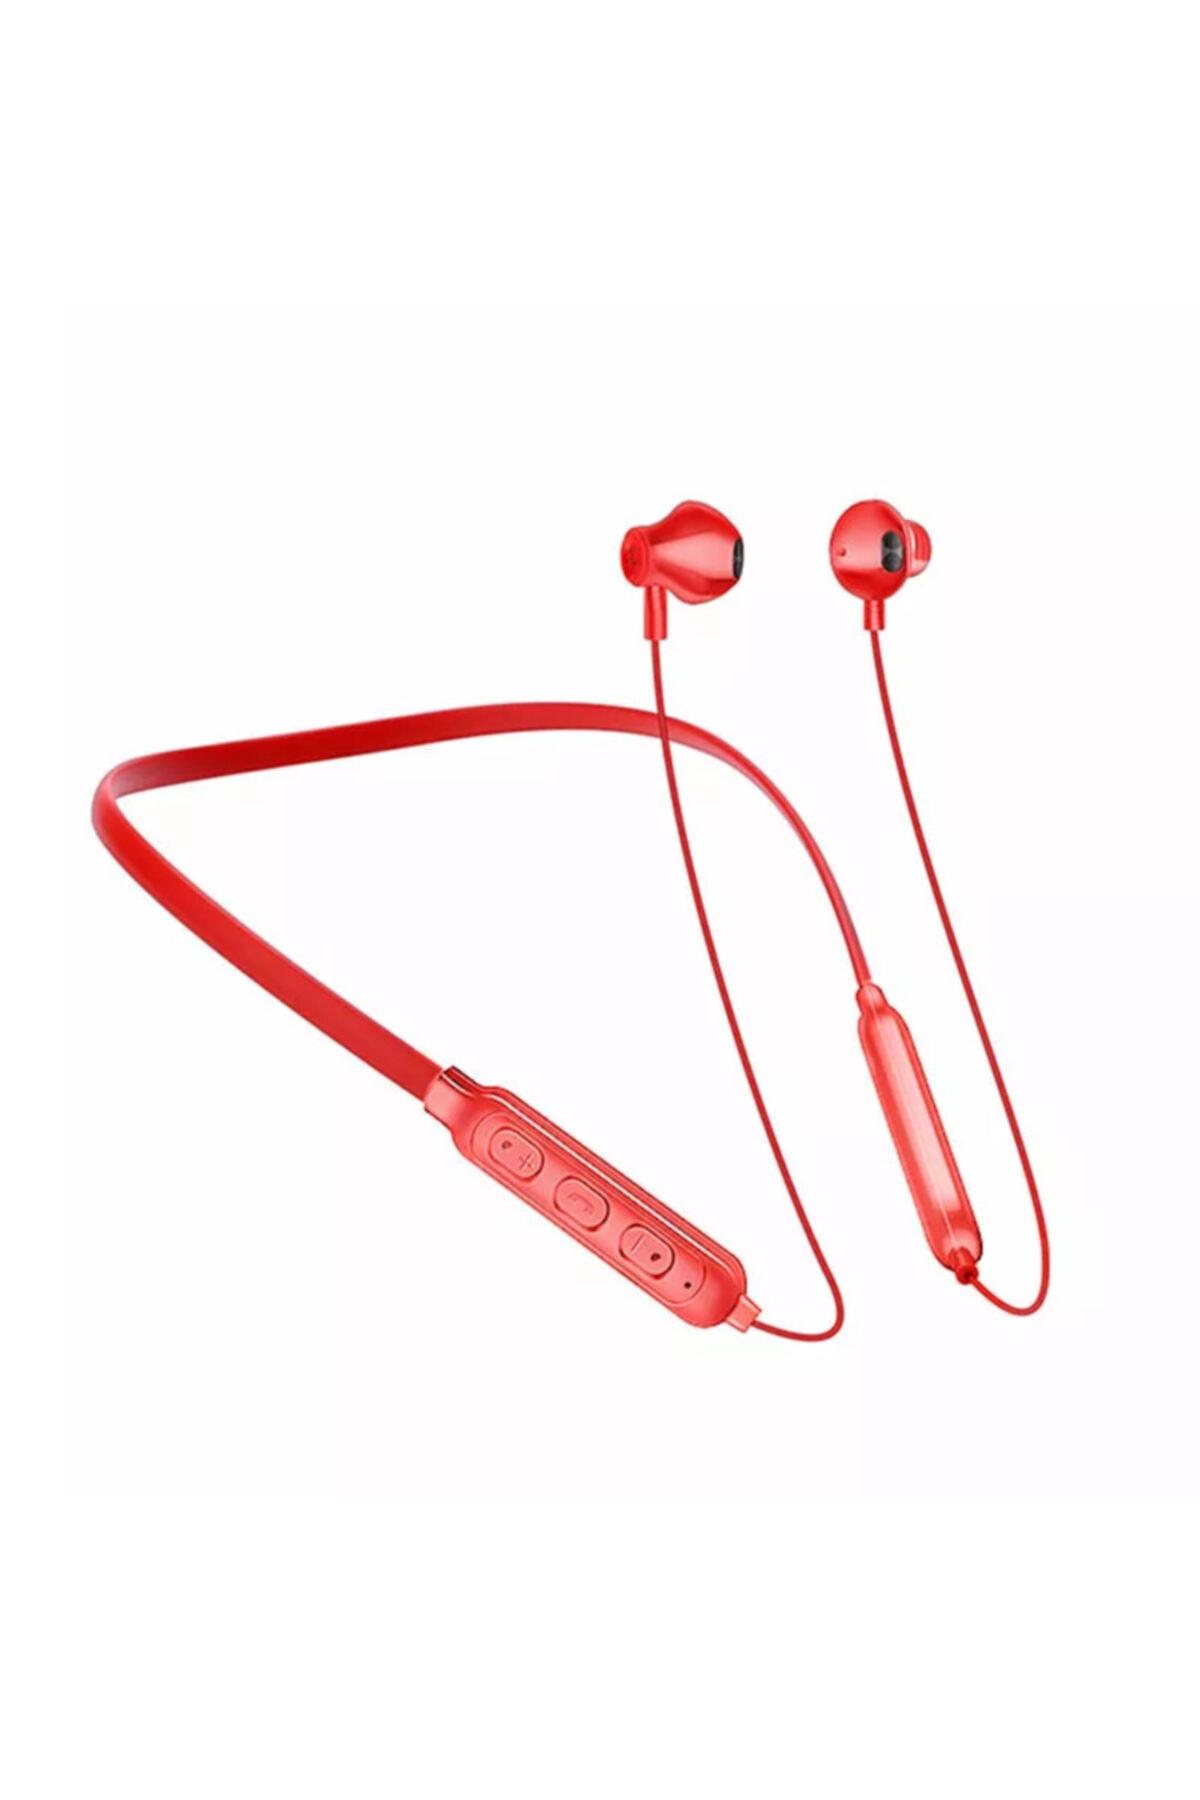 خرید هدفون بی سیم بلوتوث دار اورجینال برند MARSTEC رنگ قرمز ty43906455